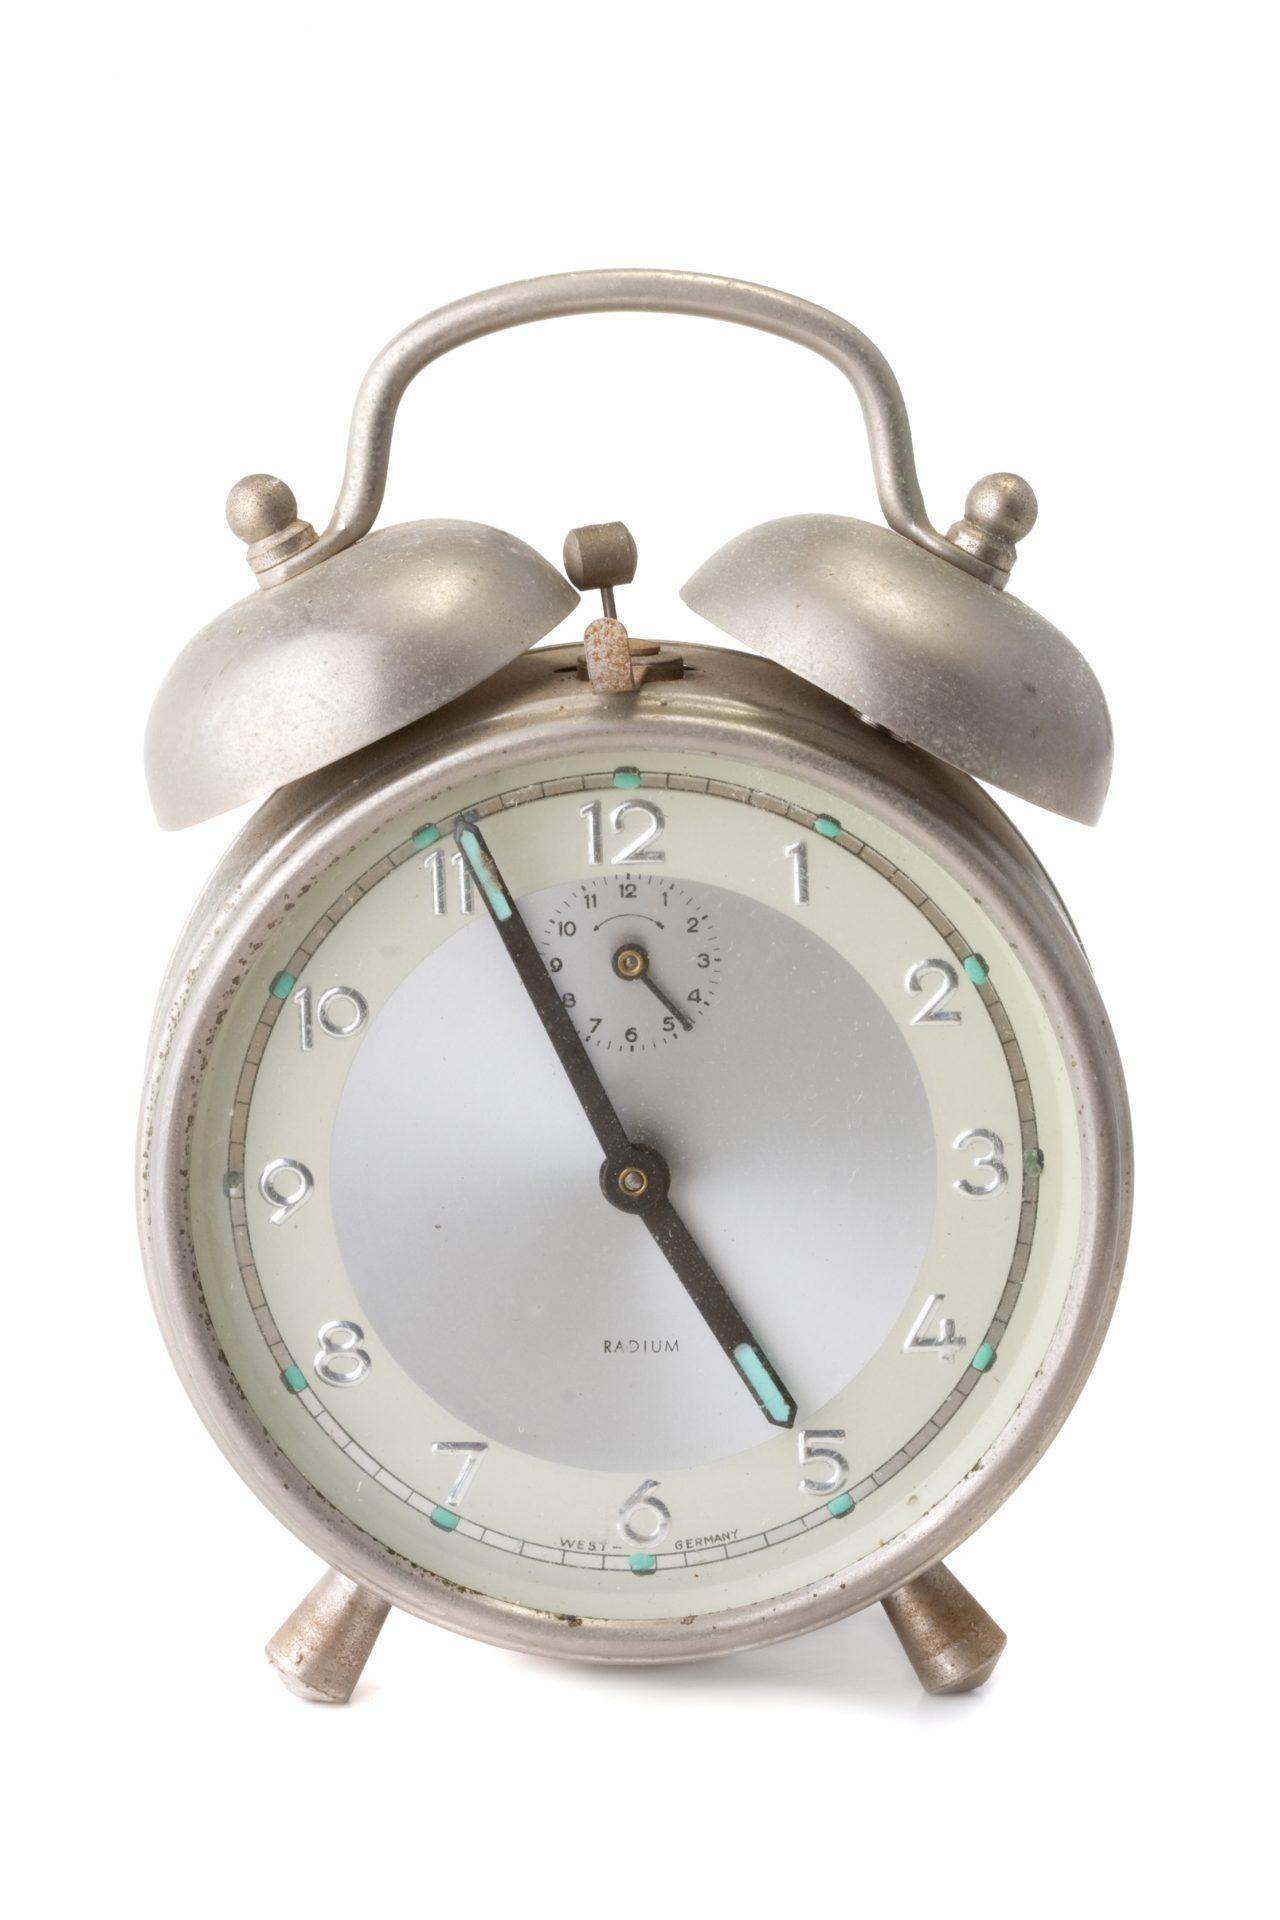 Gammel alarmklokke med radium